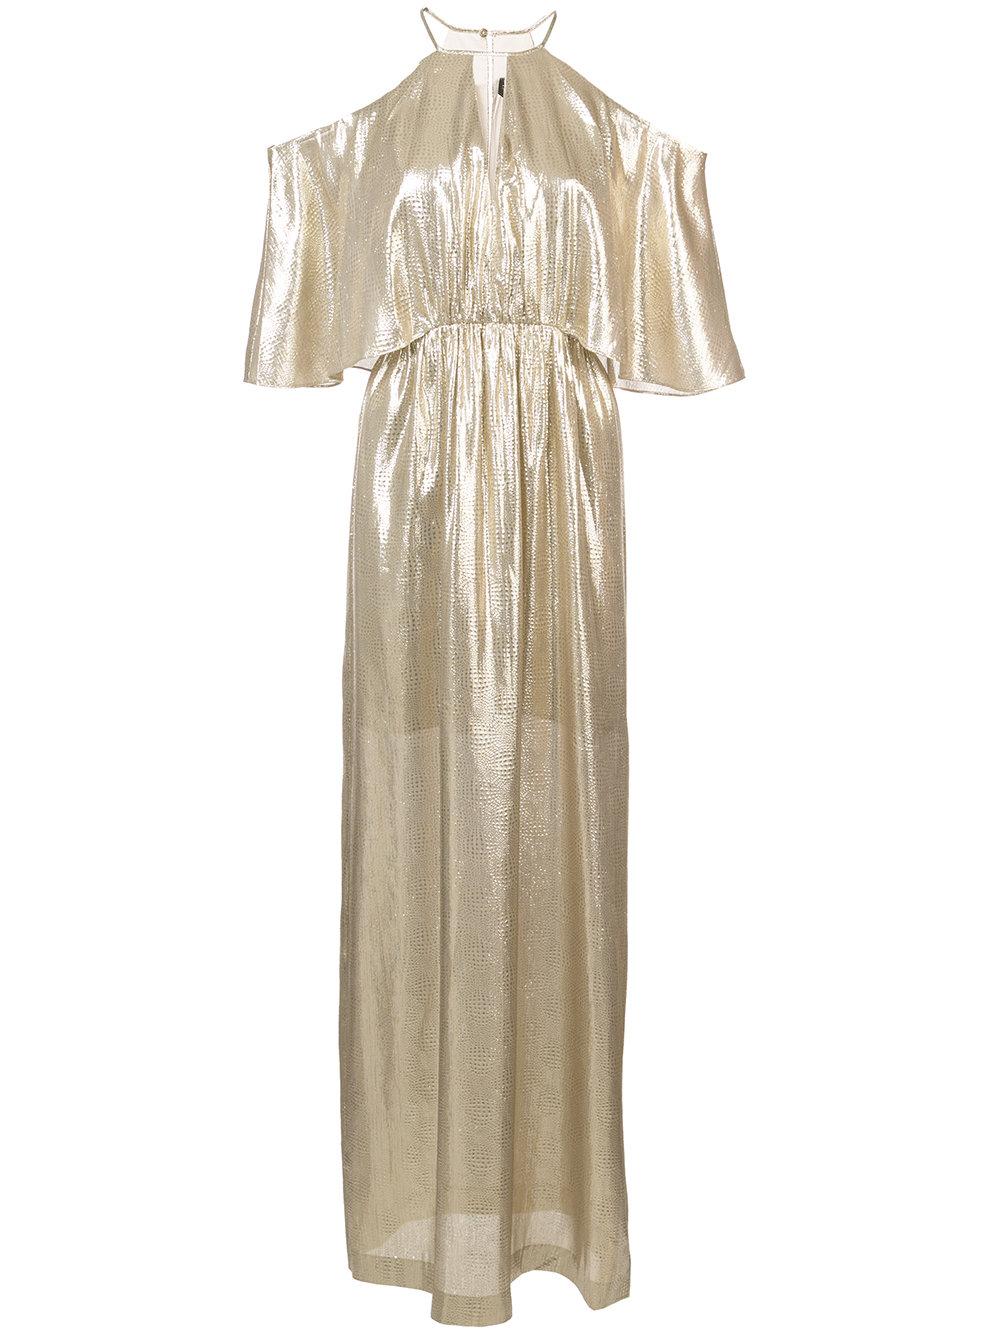 RACHEL ZOE gown - $595